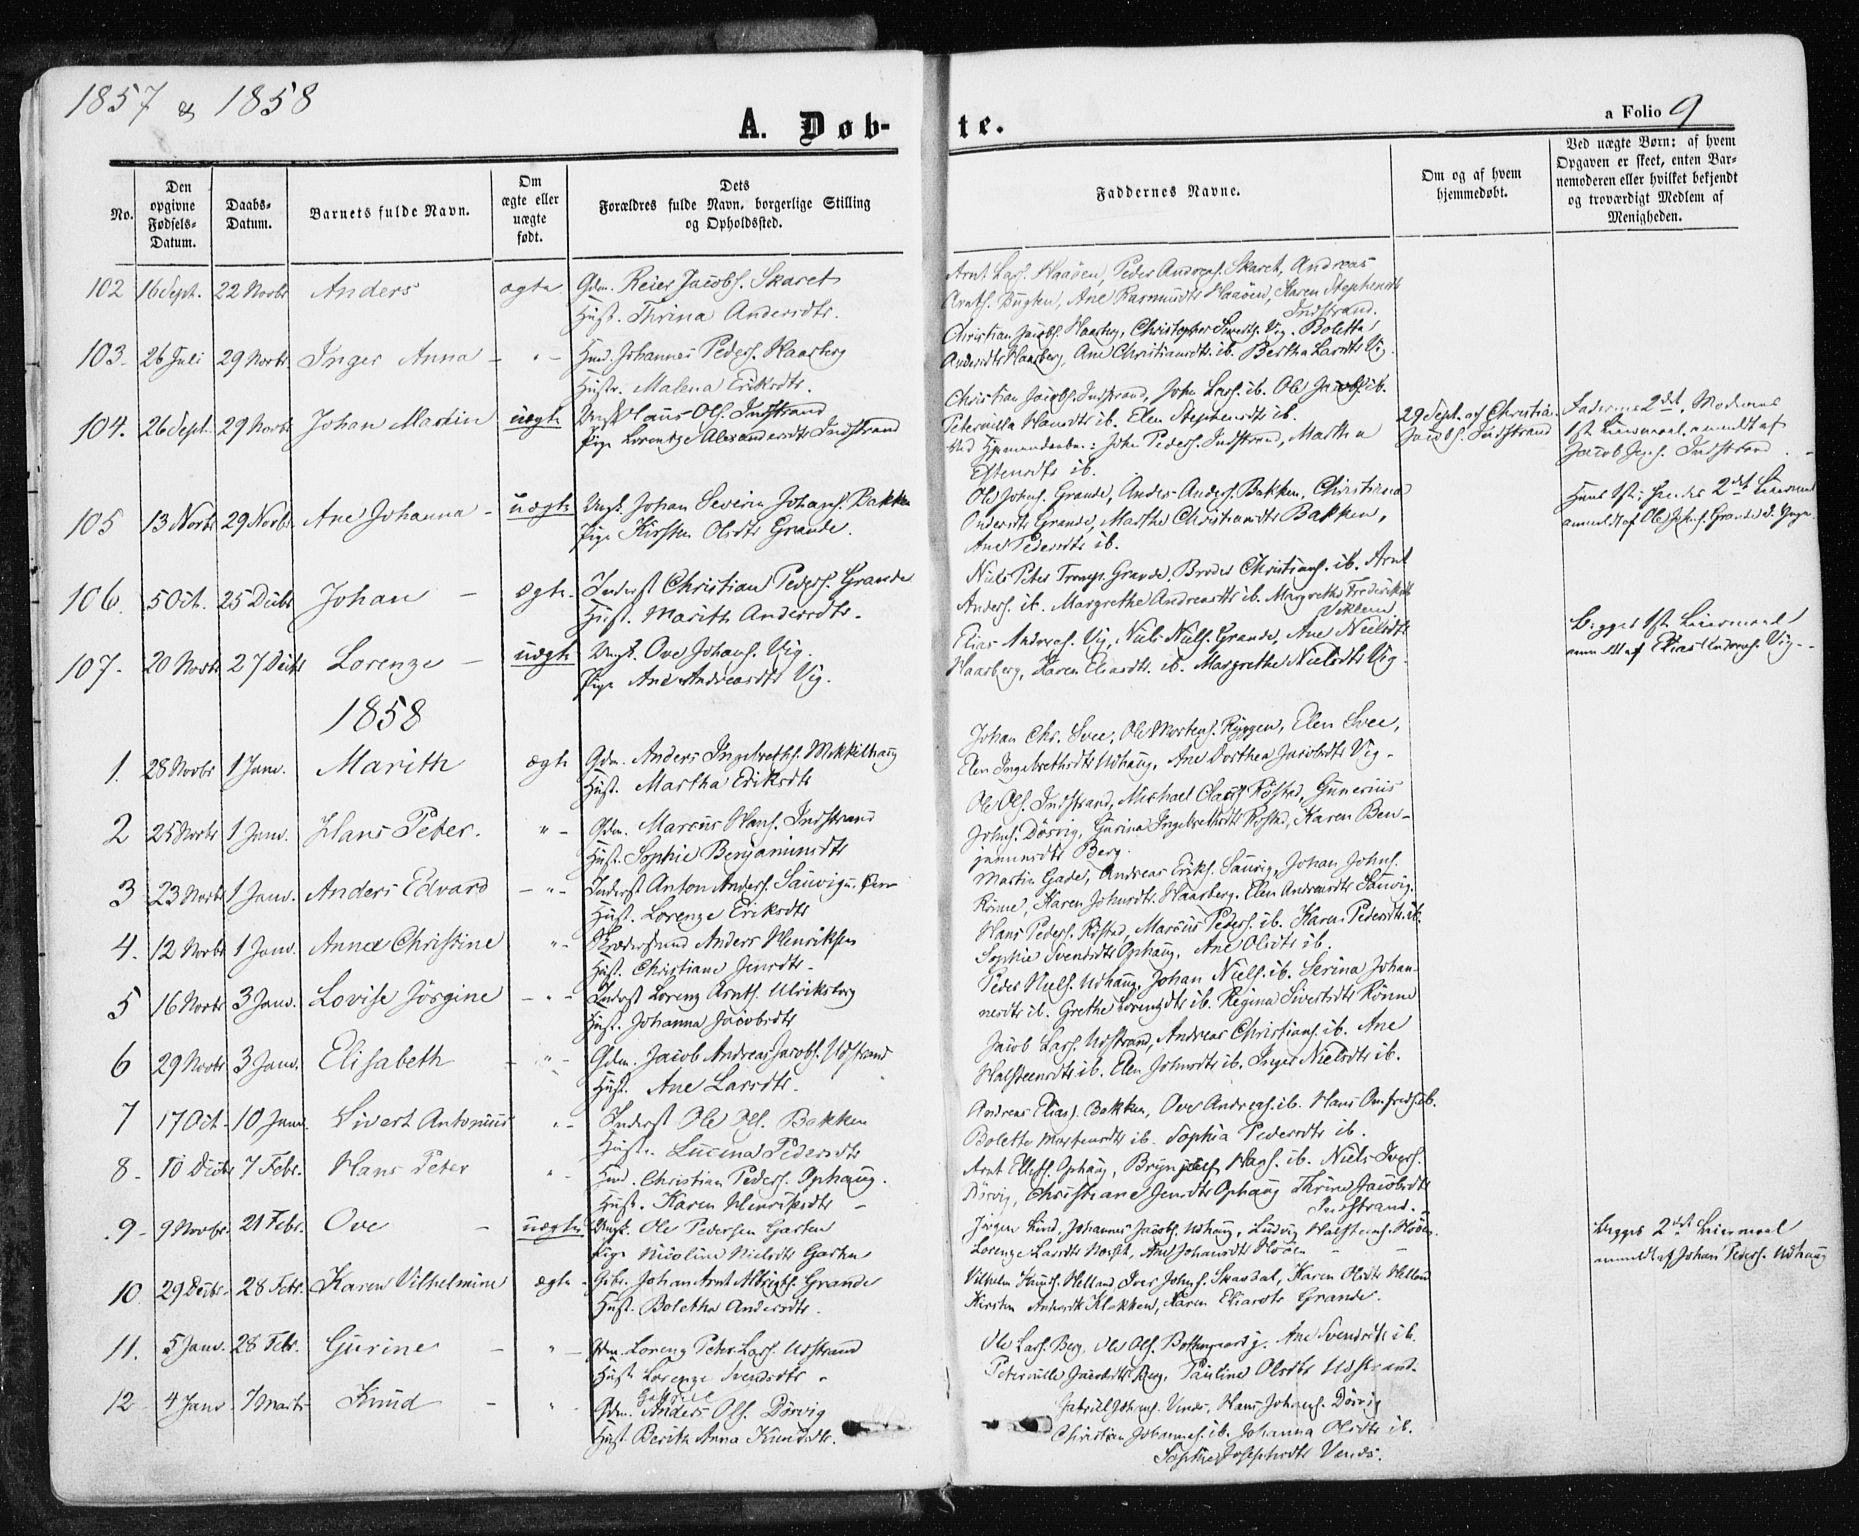 SAT, Ministerialprotokoller, klokkerbøker og fødselsregistre - Sør-Trøndelag, 659/L0737: Ministerialbok nr. 659A07, 1857-1875, s. 9